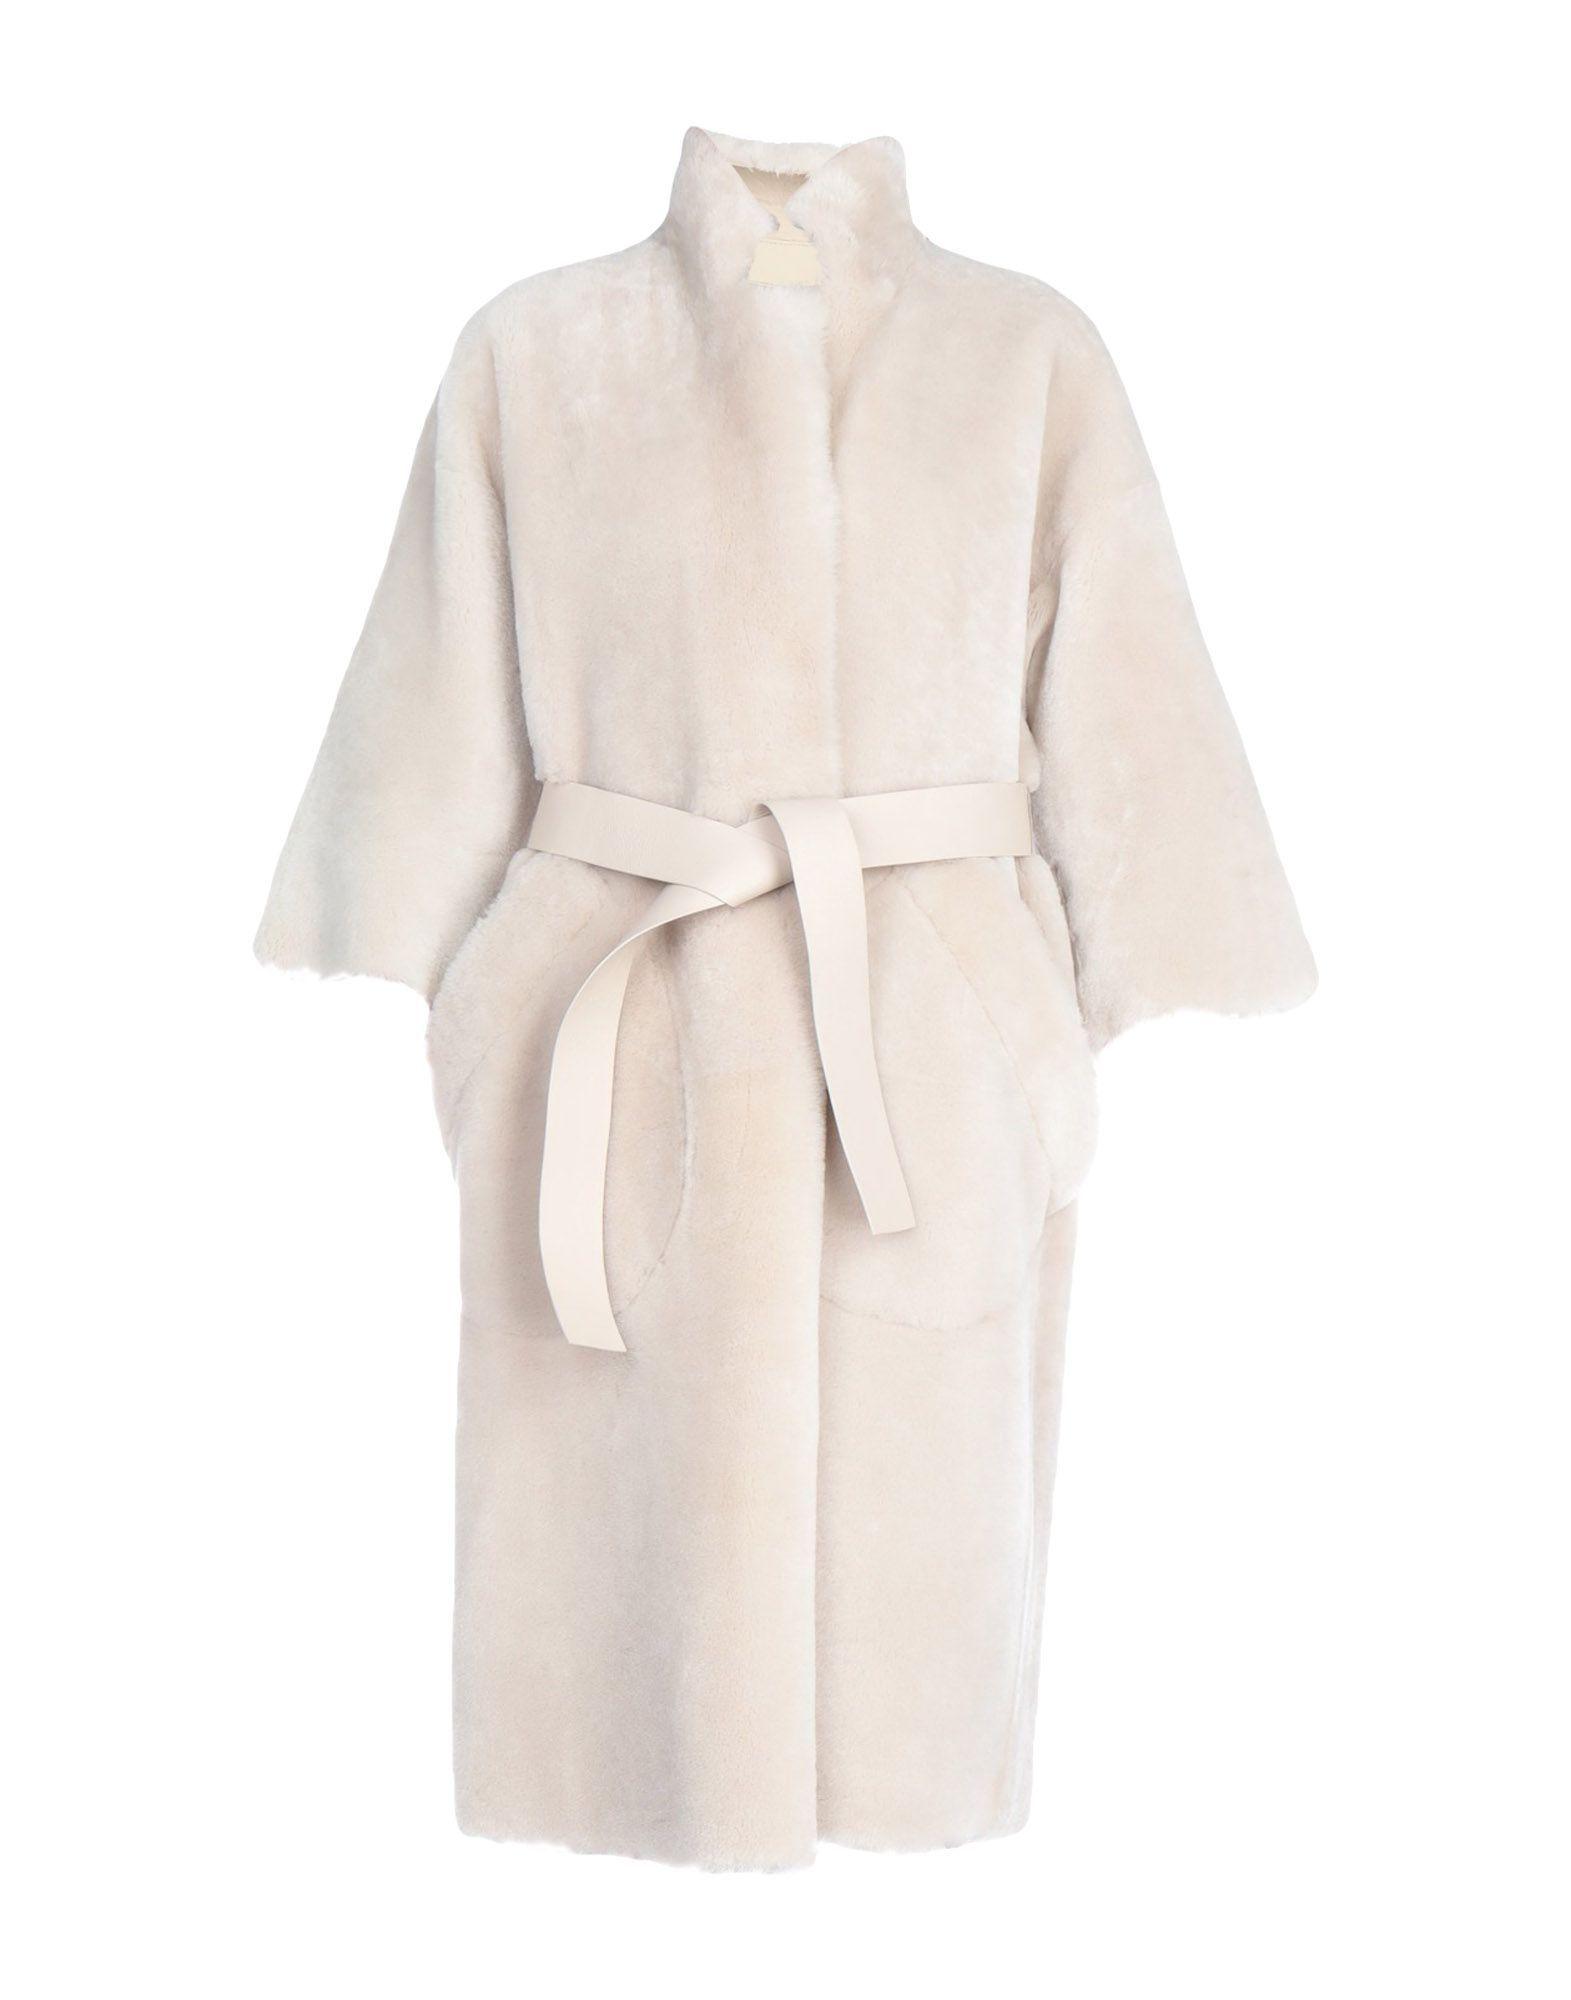 Rochas Light Grey Sheepskin Belted Coat